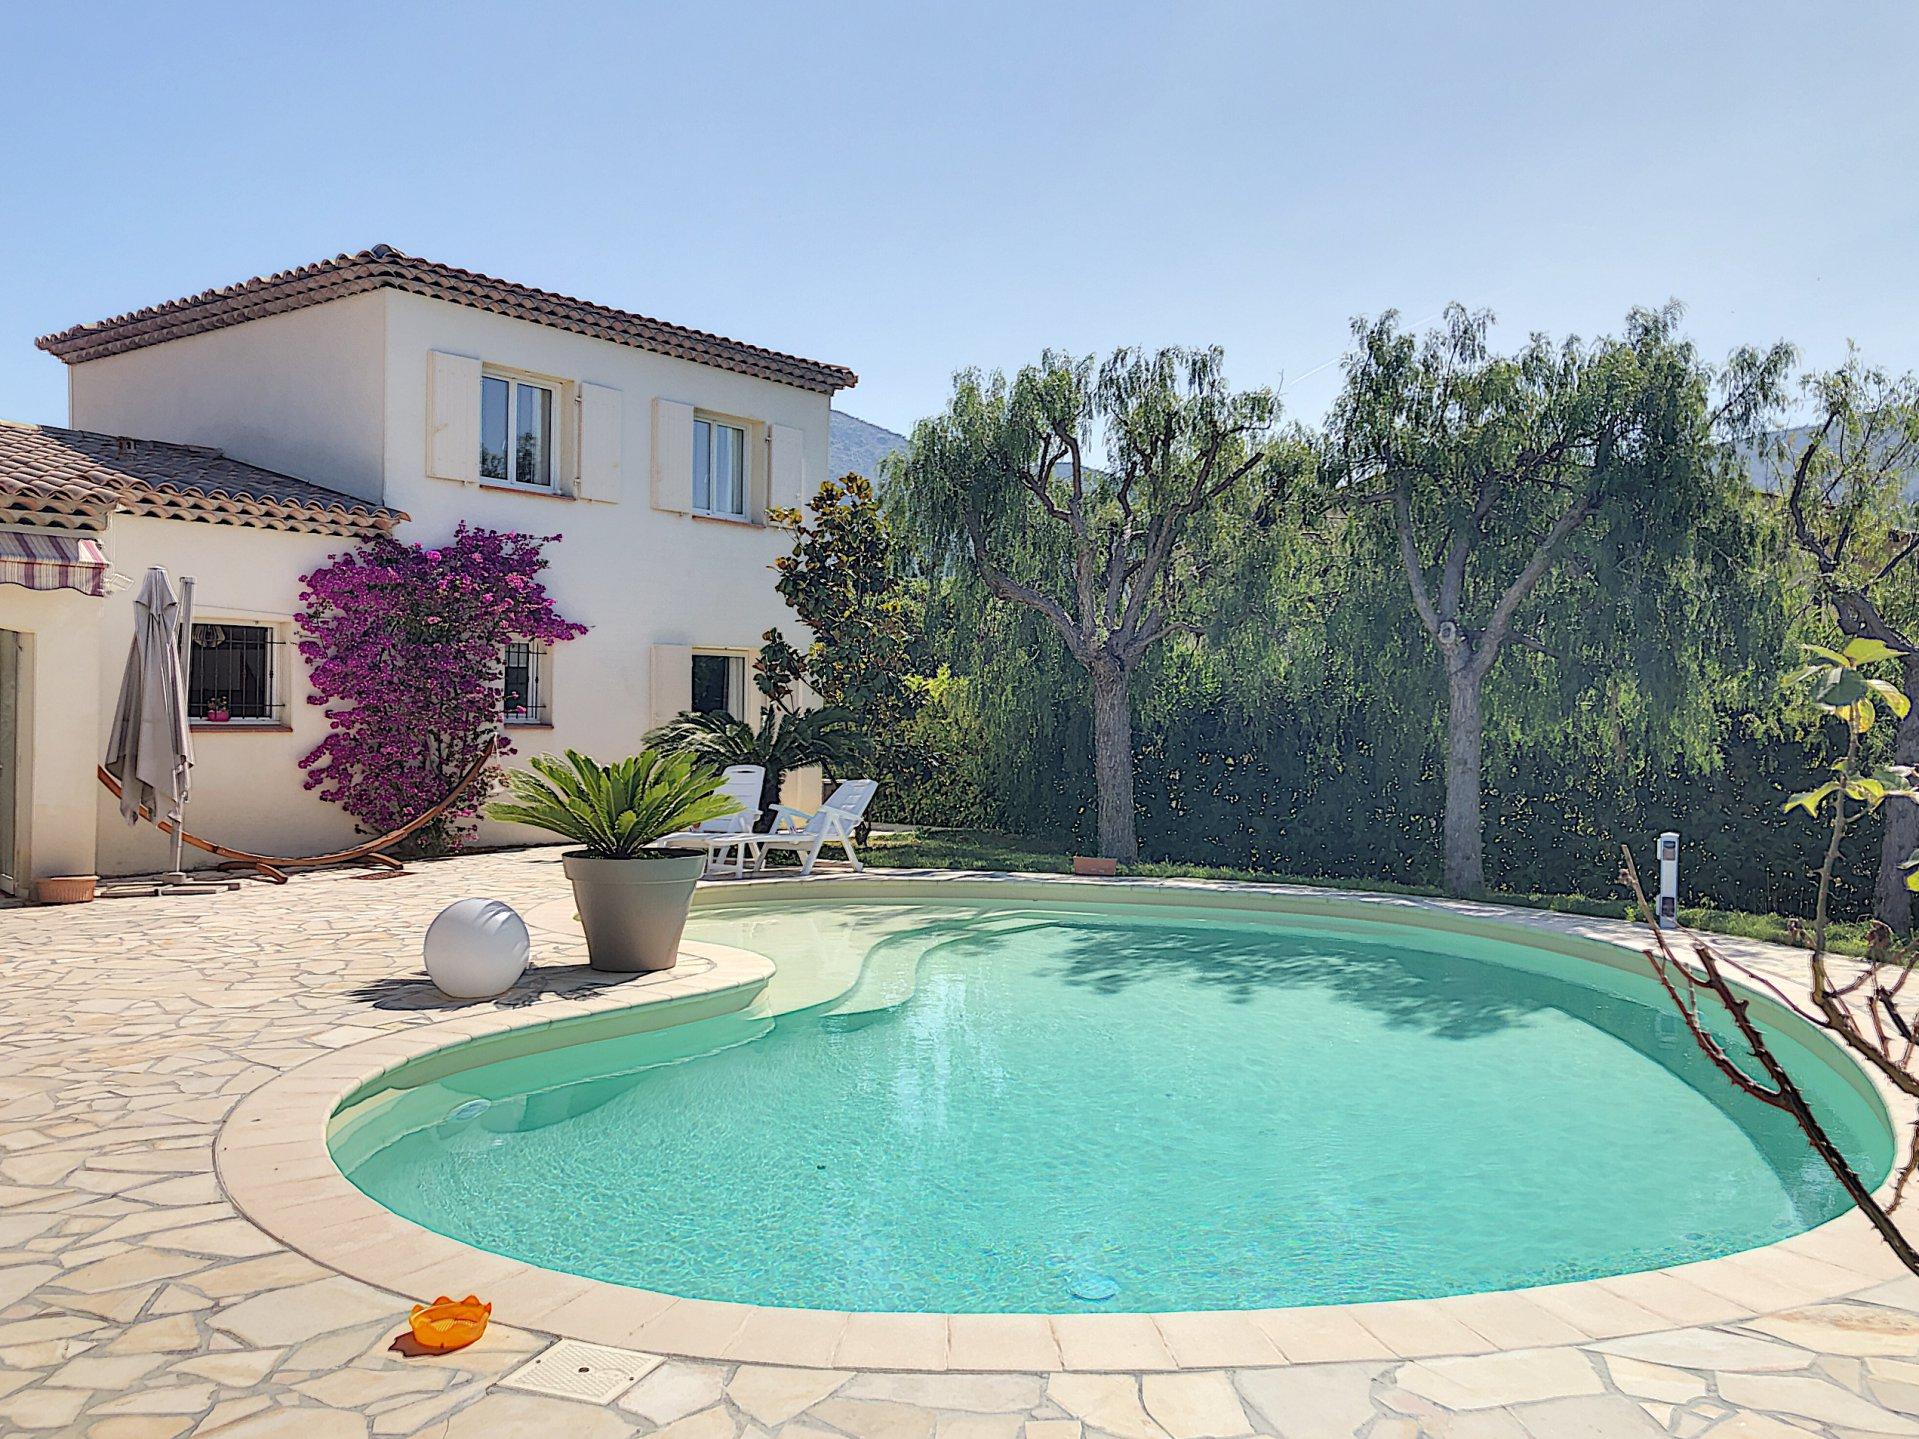 Carros Les Plans (06510) - Villa Individuelle - Piscine destiné Piscine Carros